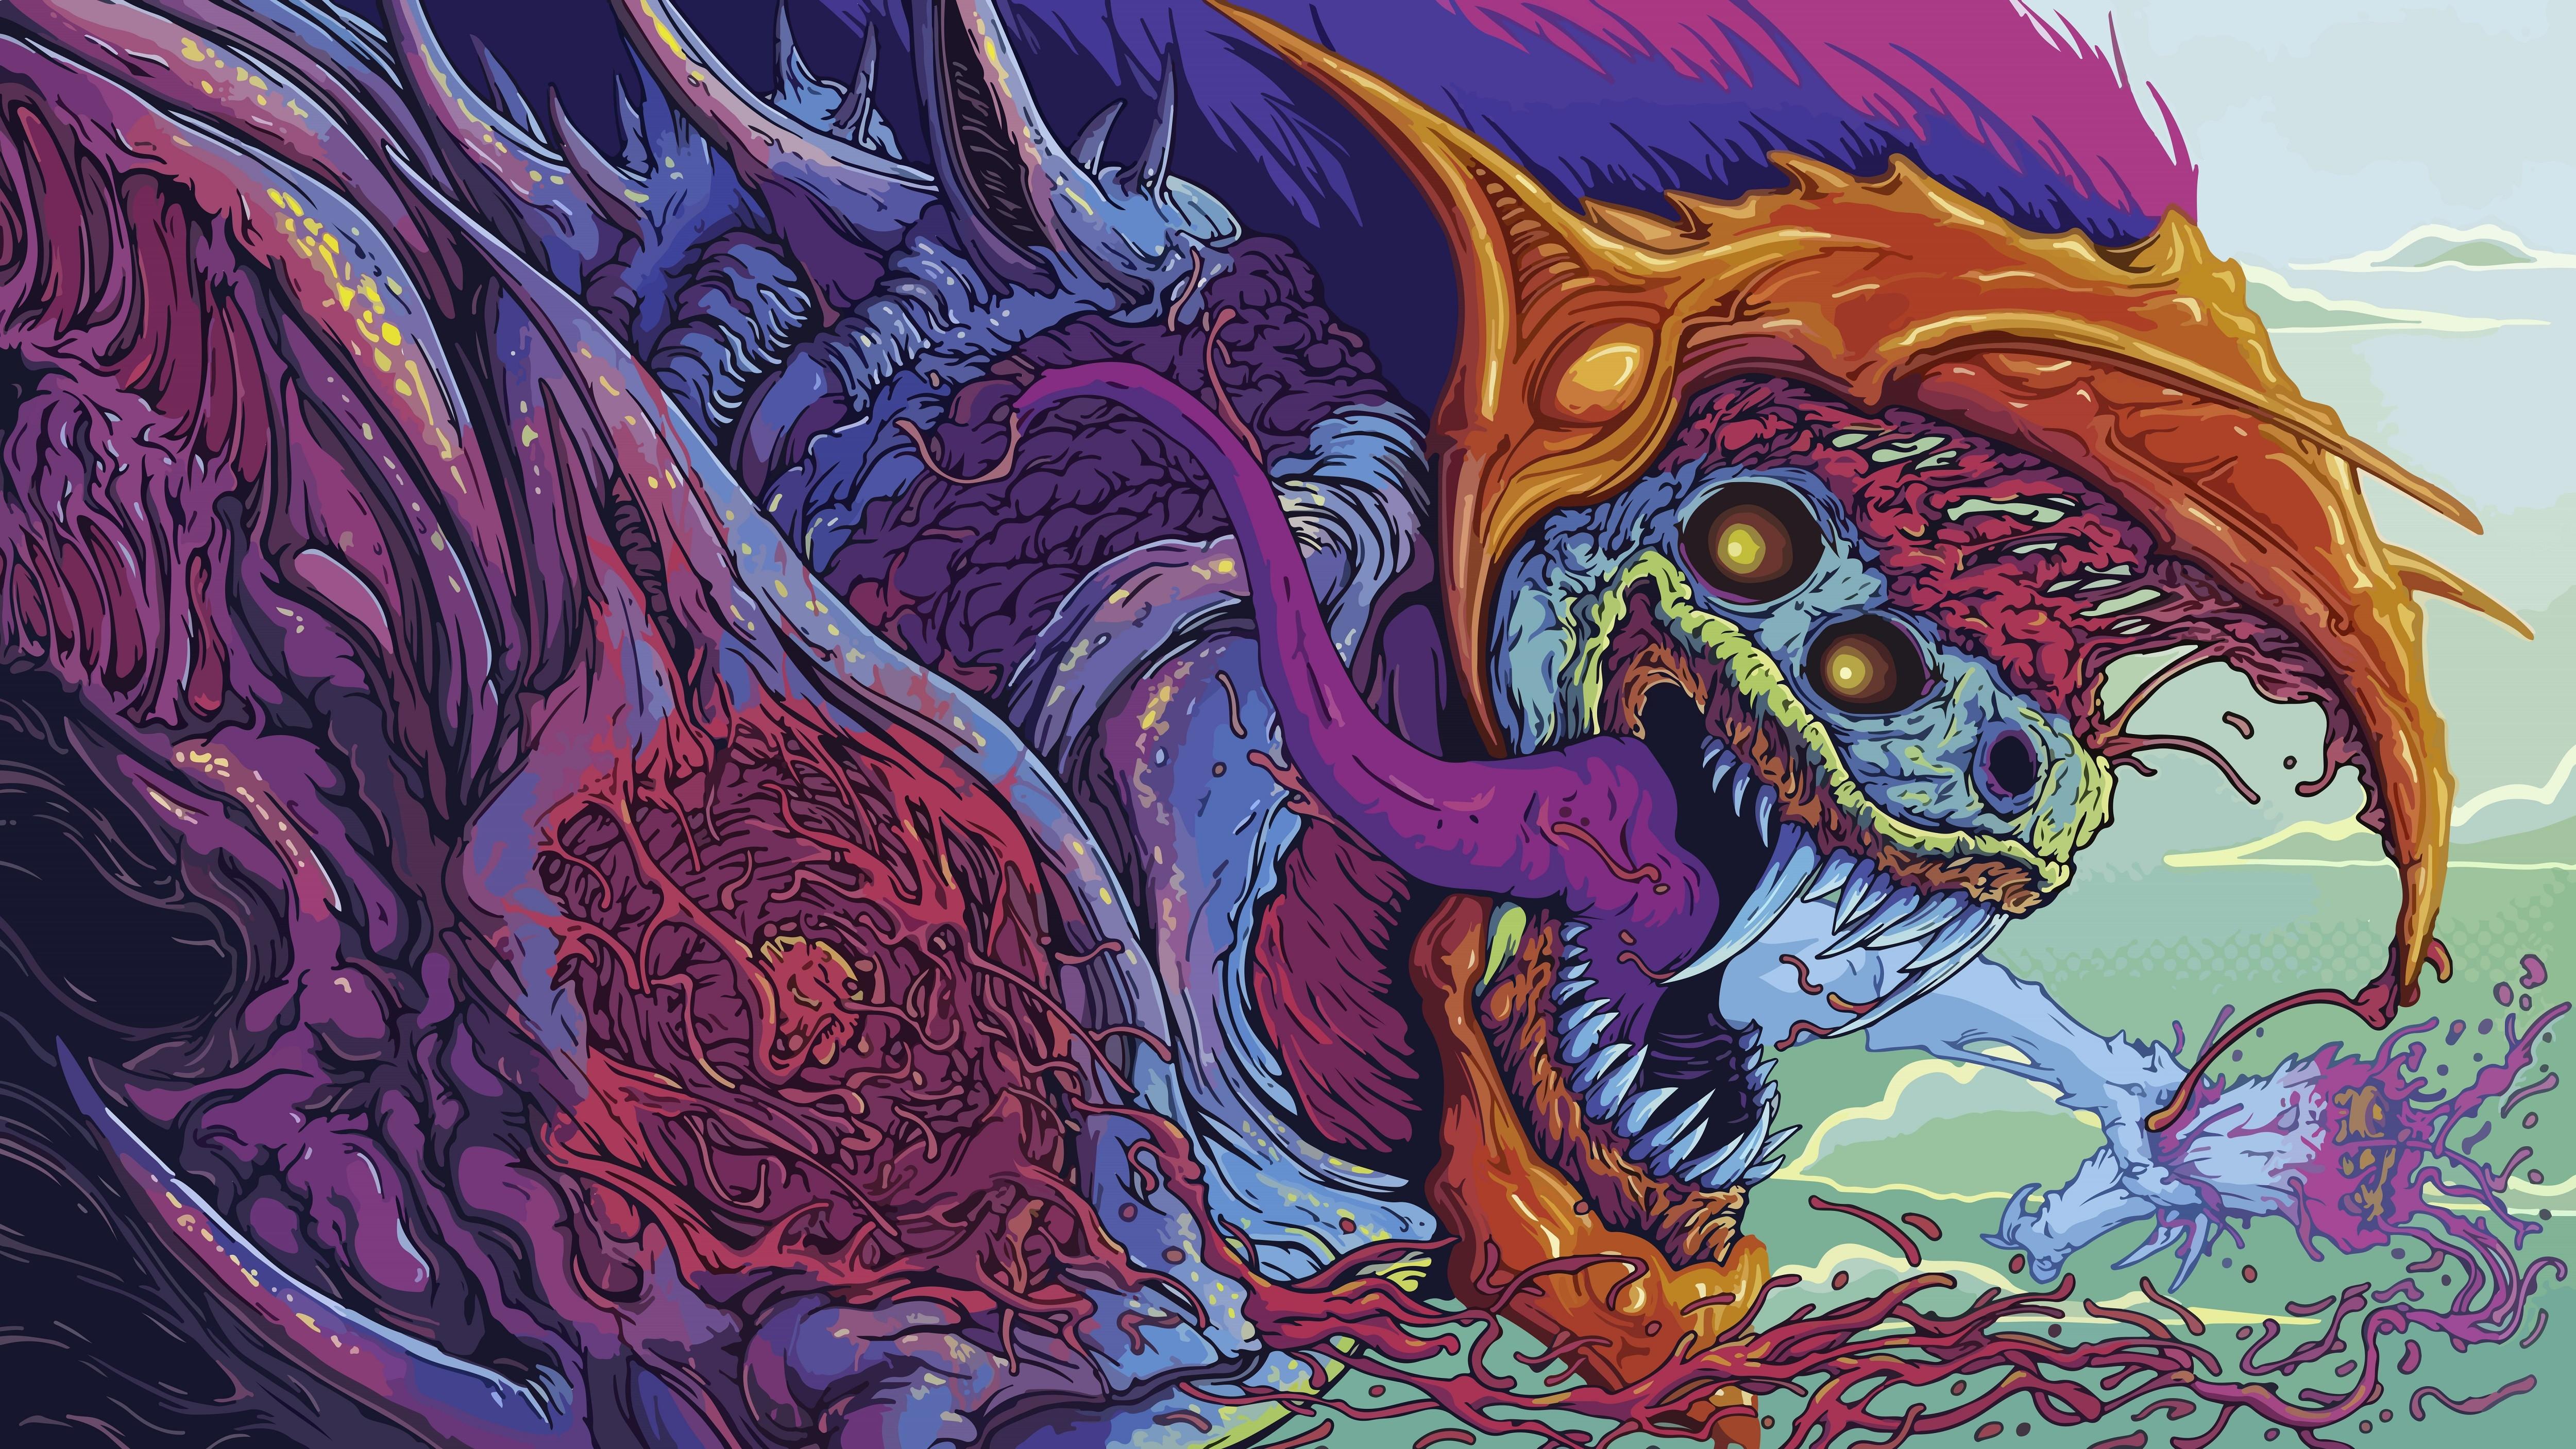 General 5000x2813 Hyperbeast Brock Hofer creature colorful teeth digital art